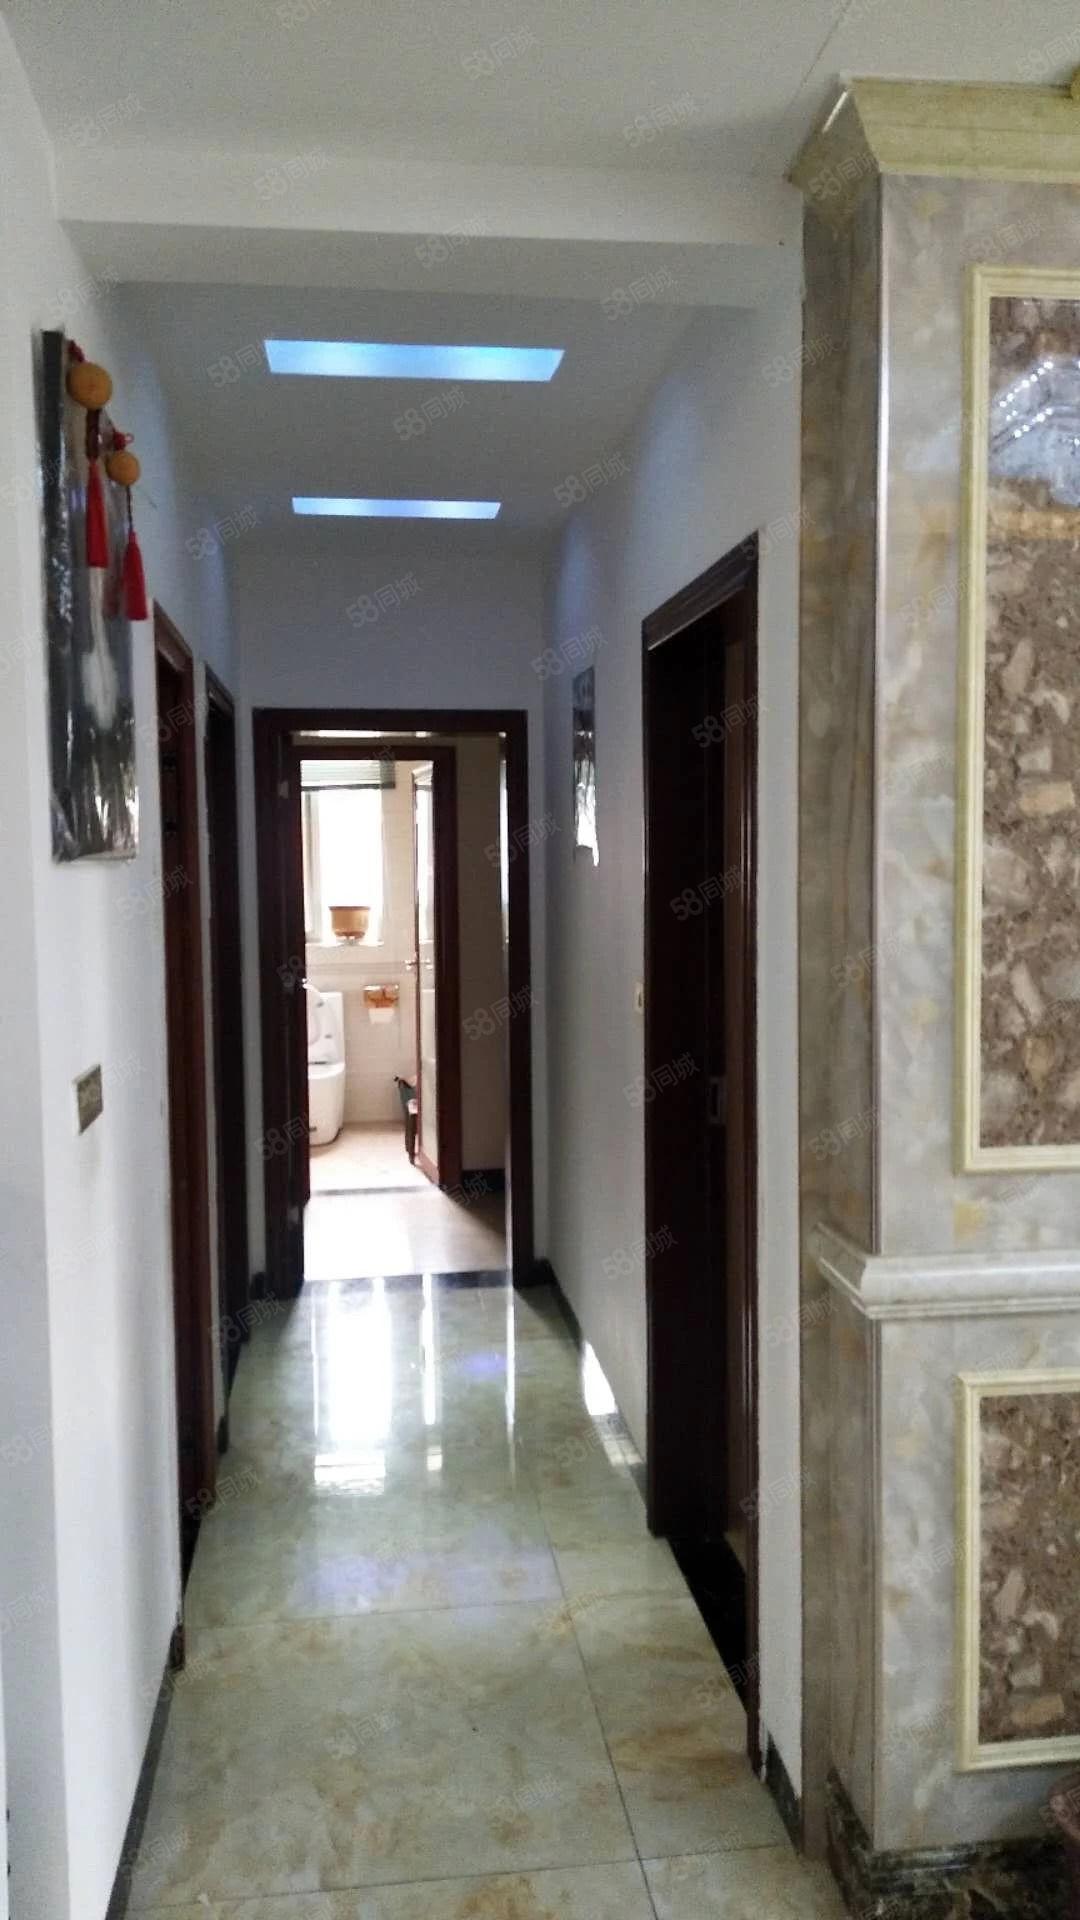 金鳞半岛三室两厅精装修套房带2阳台可按揭关门卖